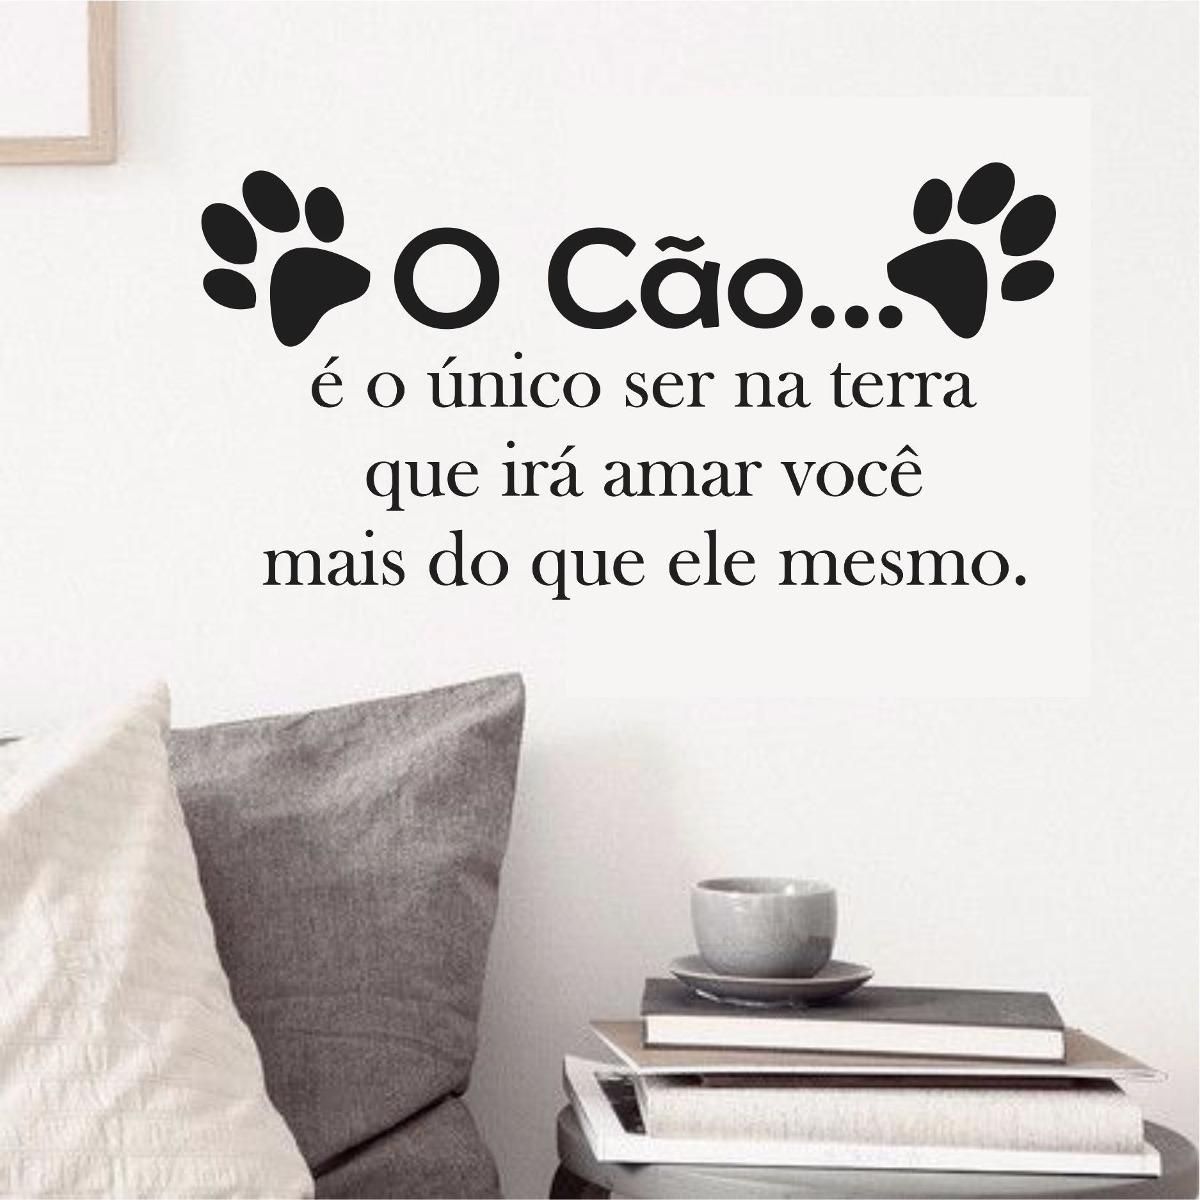 Adesivo Parede Animais Cachorro Patas Frase Cão Amor Vida